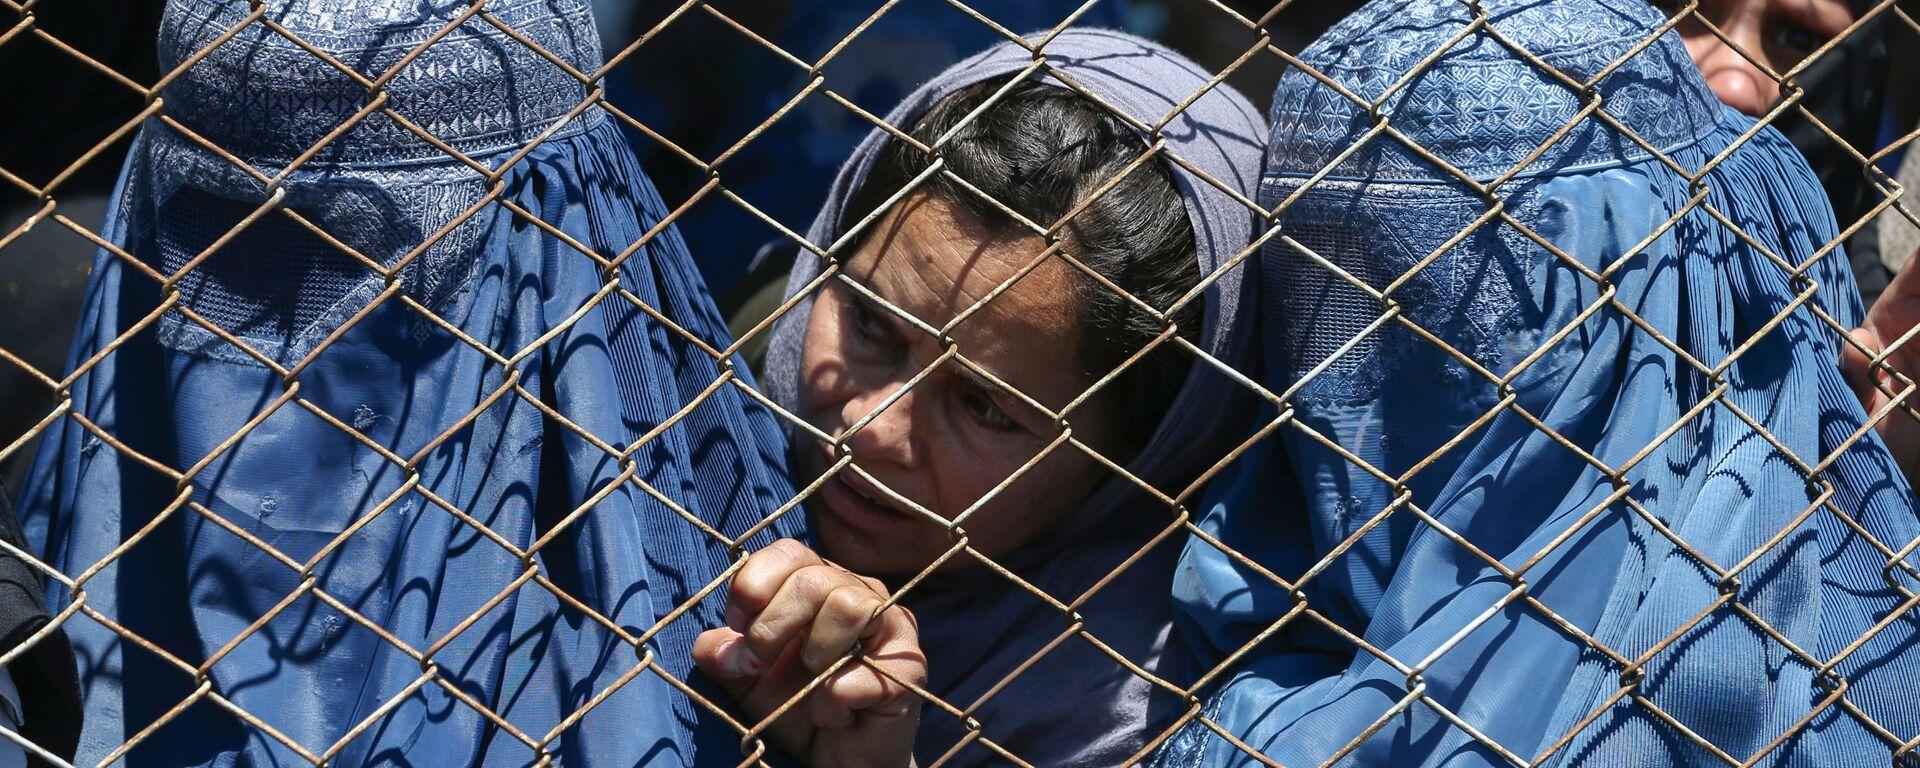 Афганские женщины в ожидании выдачи помощи от правительства Афганистана в Кабуле - Sputnik Тоҷикистон, 1920, 23.09.2021